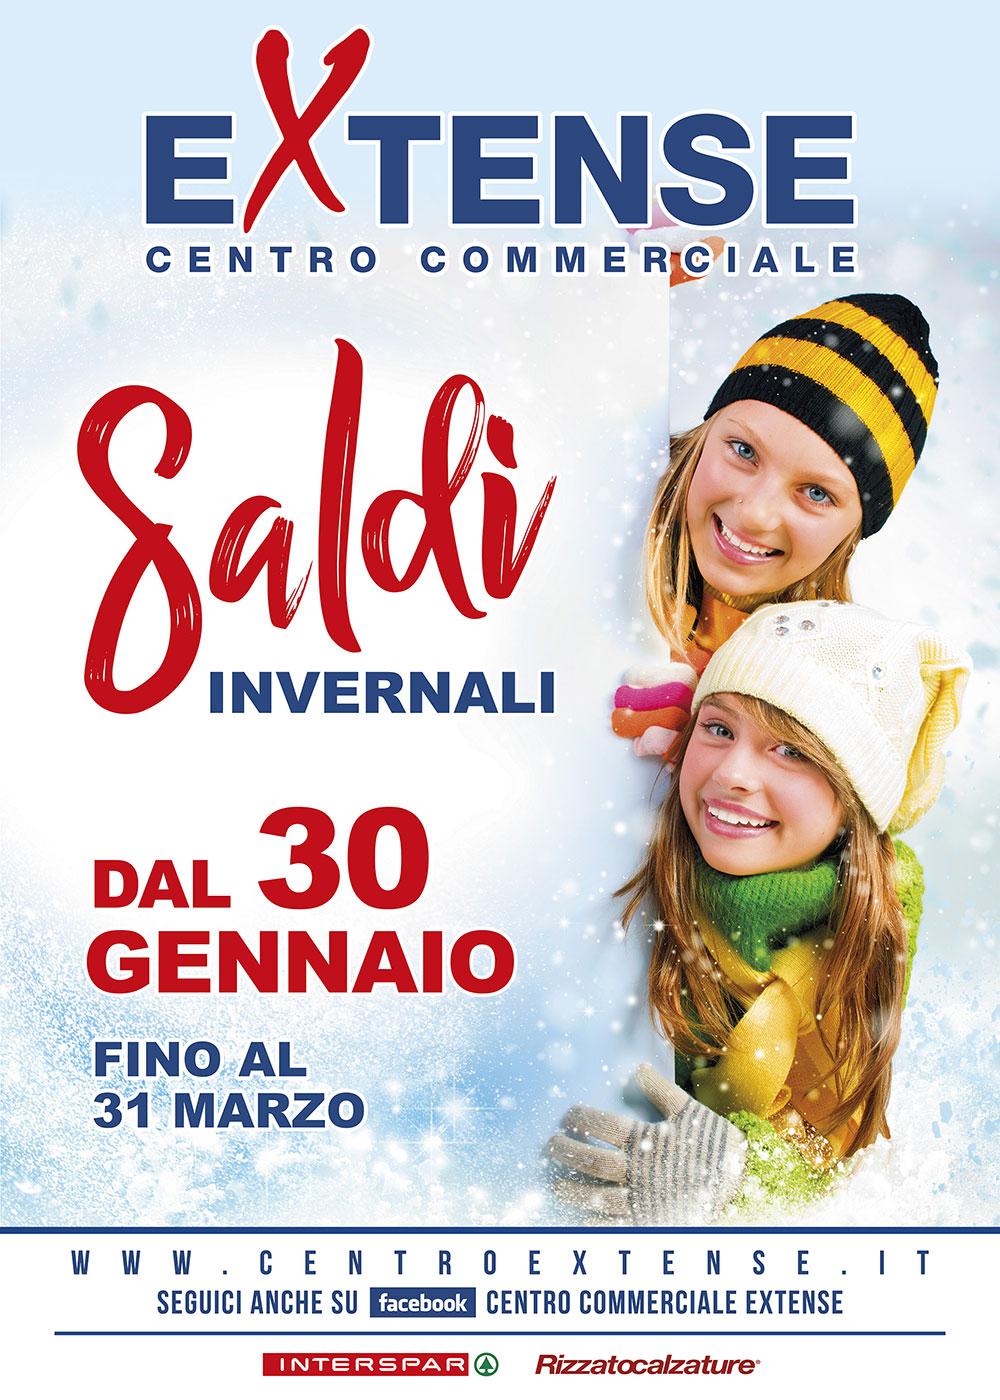 Saldi Invernali 2021 - Centro Commerciale Extense - Dal 30 gennaio al 31 marzo 2021